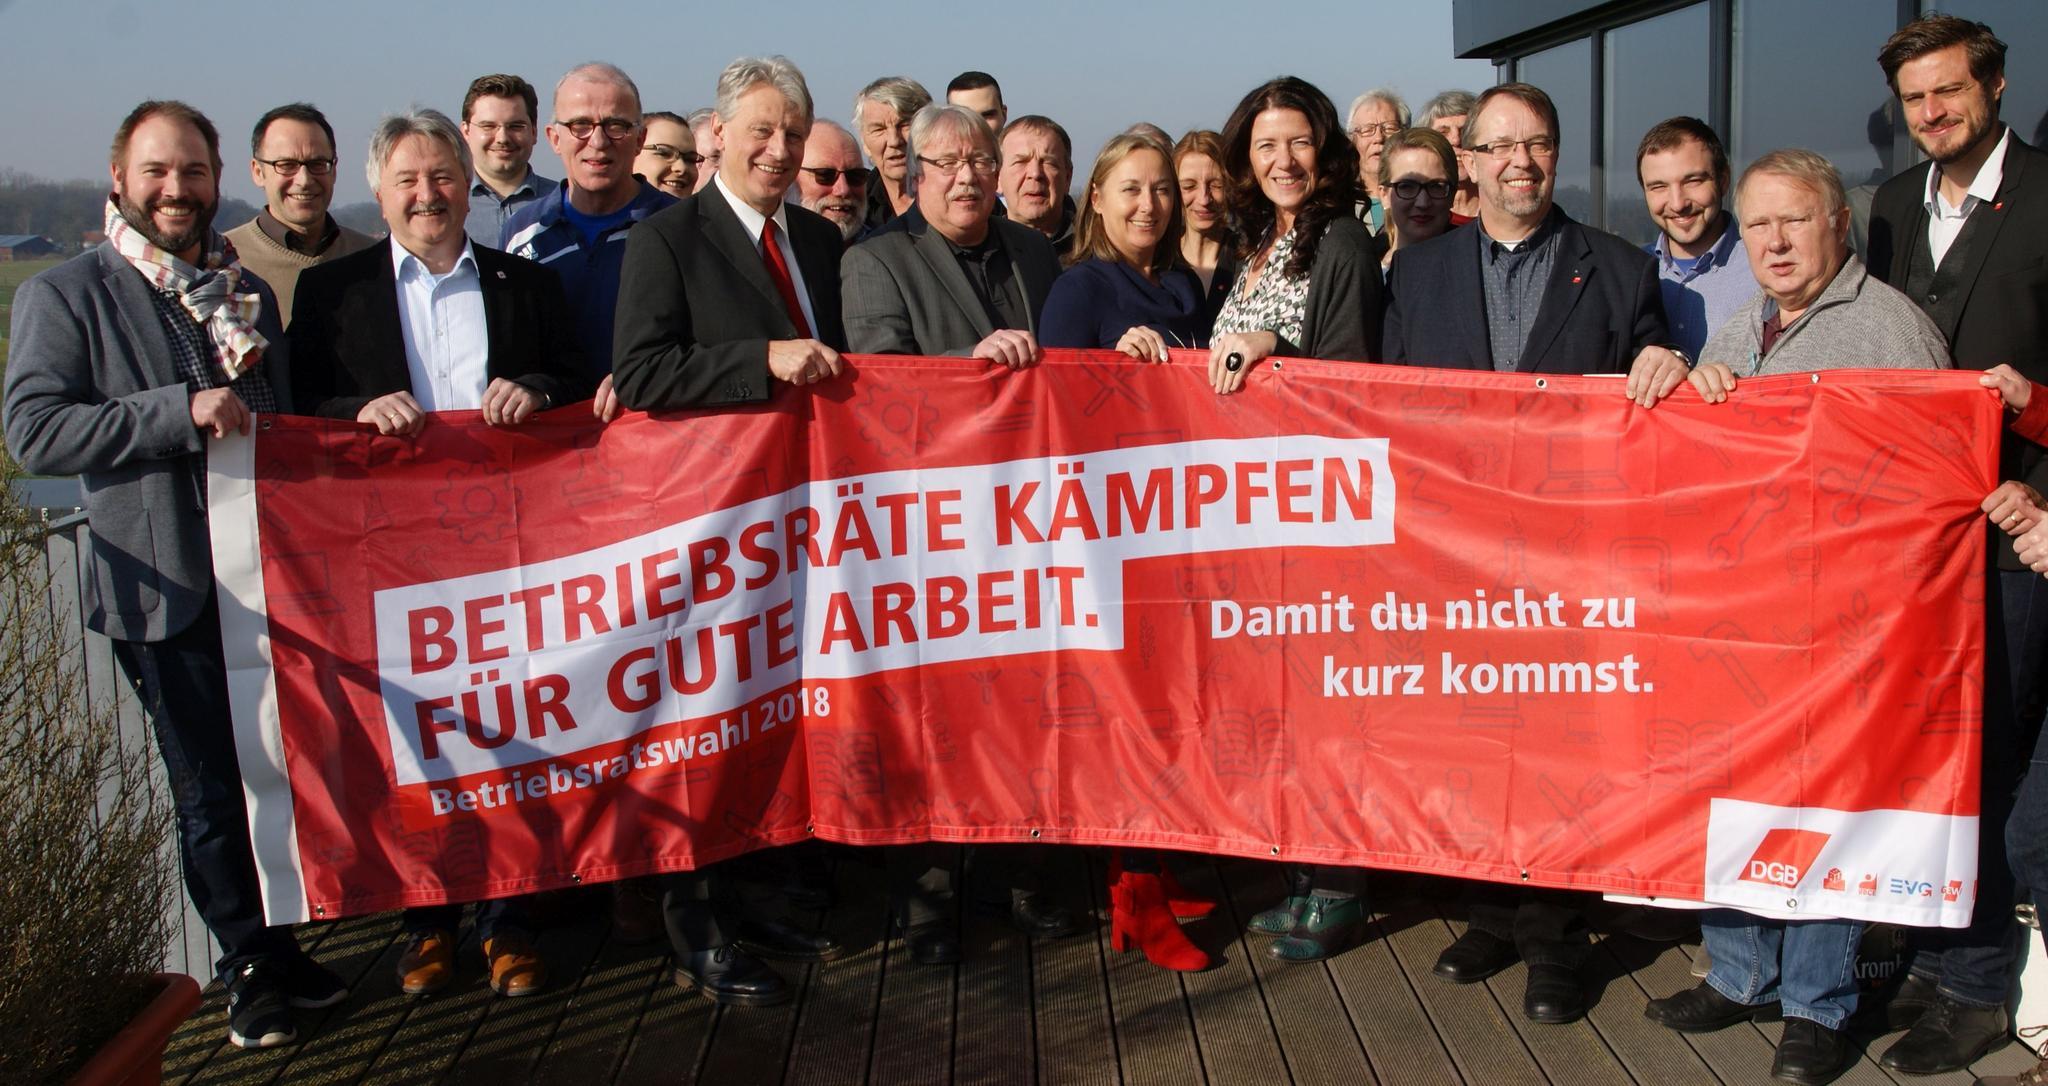 Gewerkschaften im Münsterland werben für die anstehenden Betriebsratswahlen